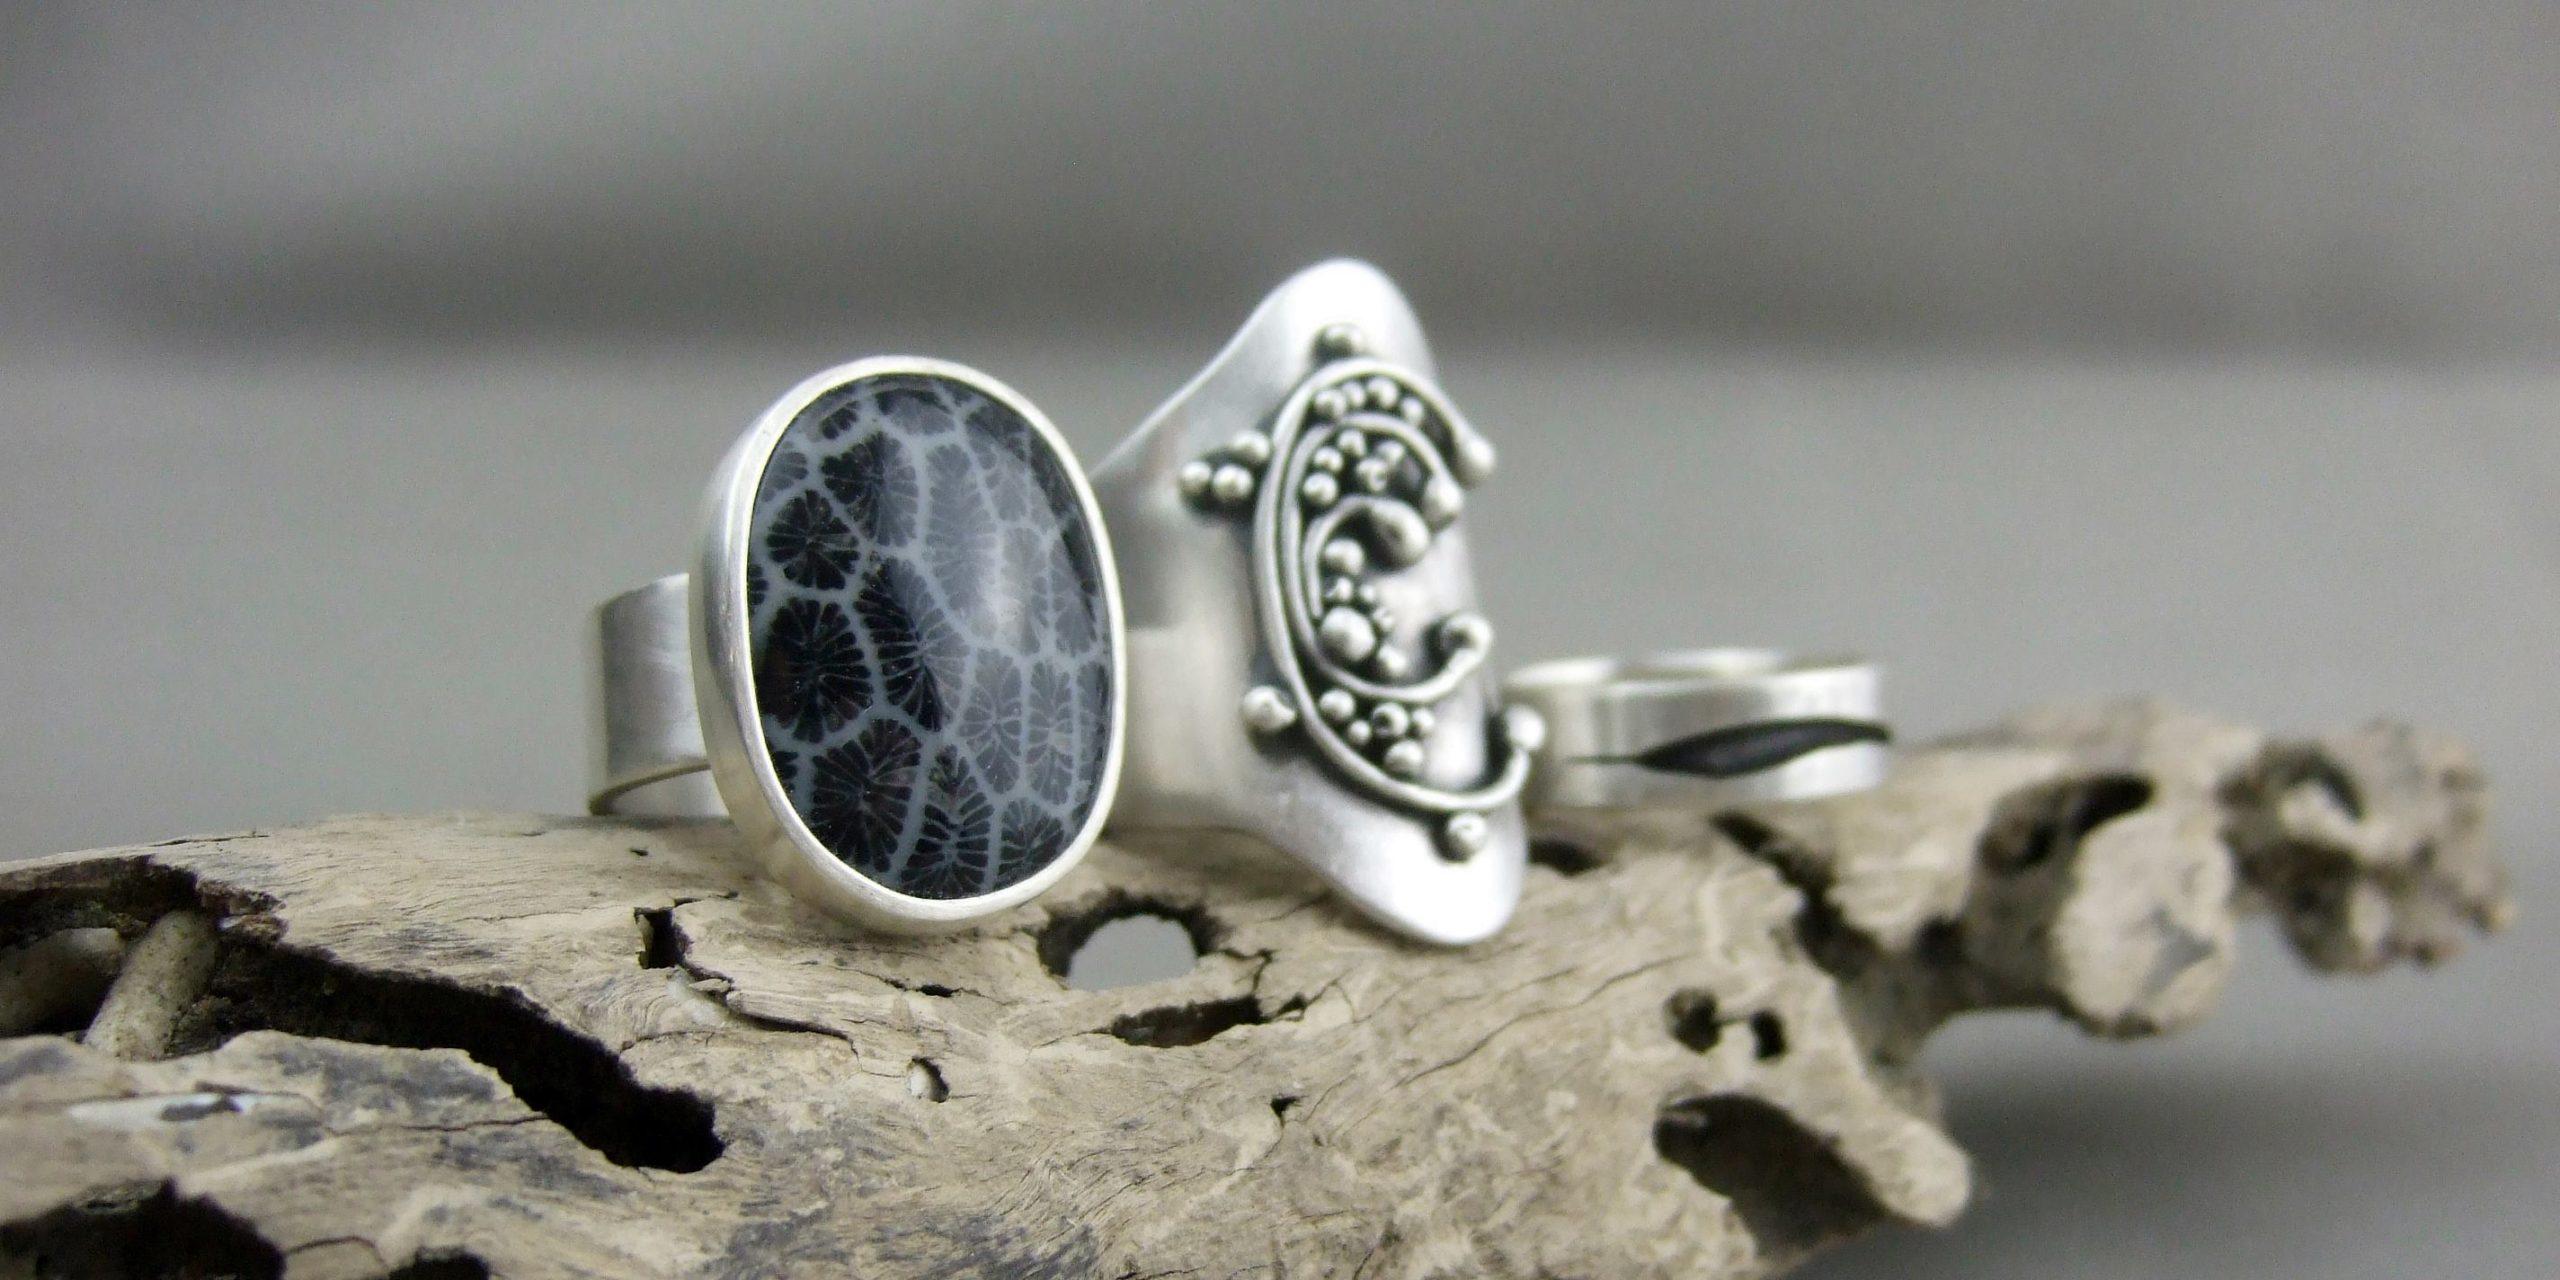 Šperky, ktoré vás potešia